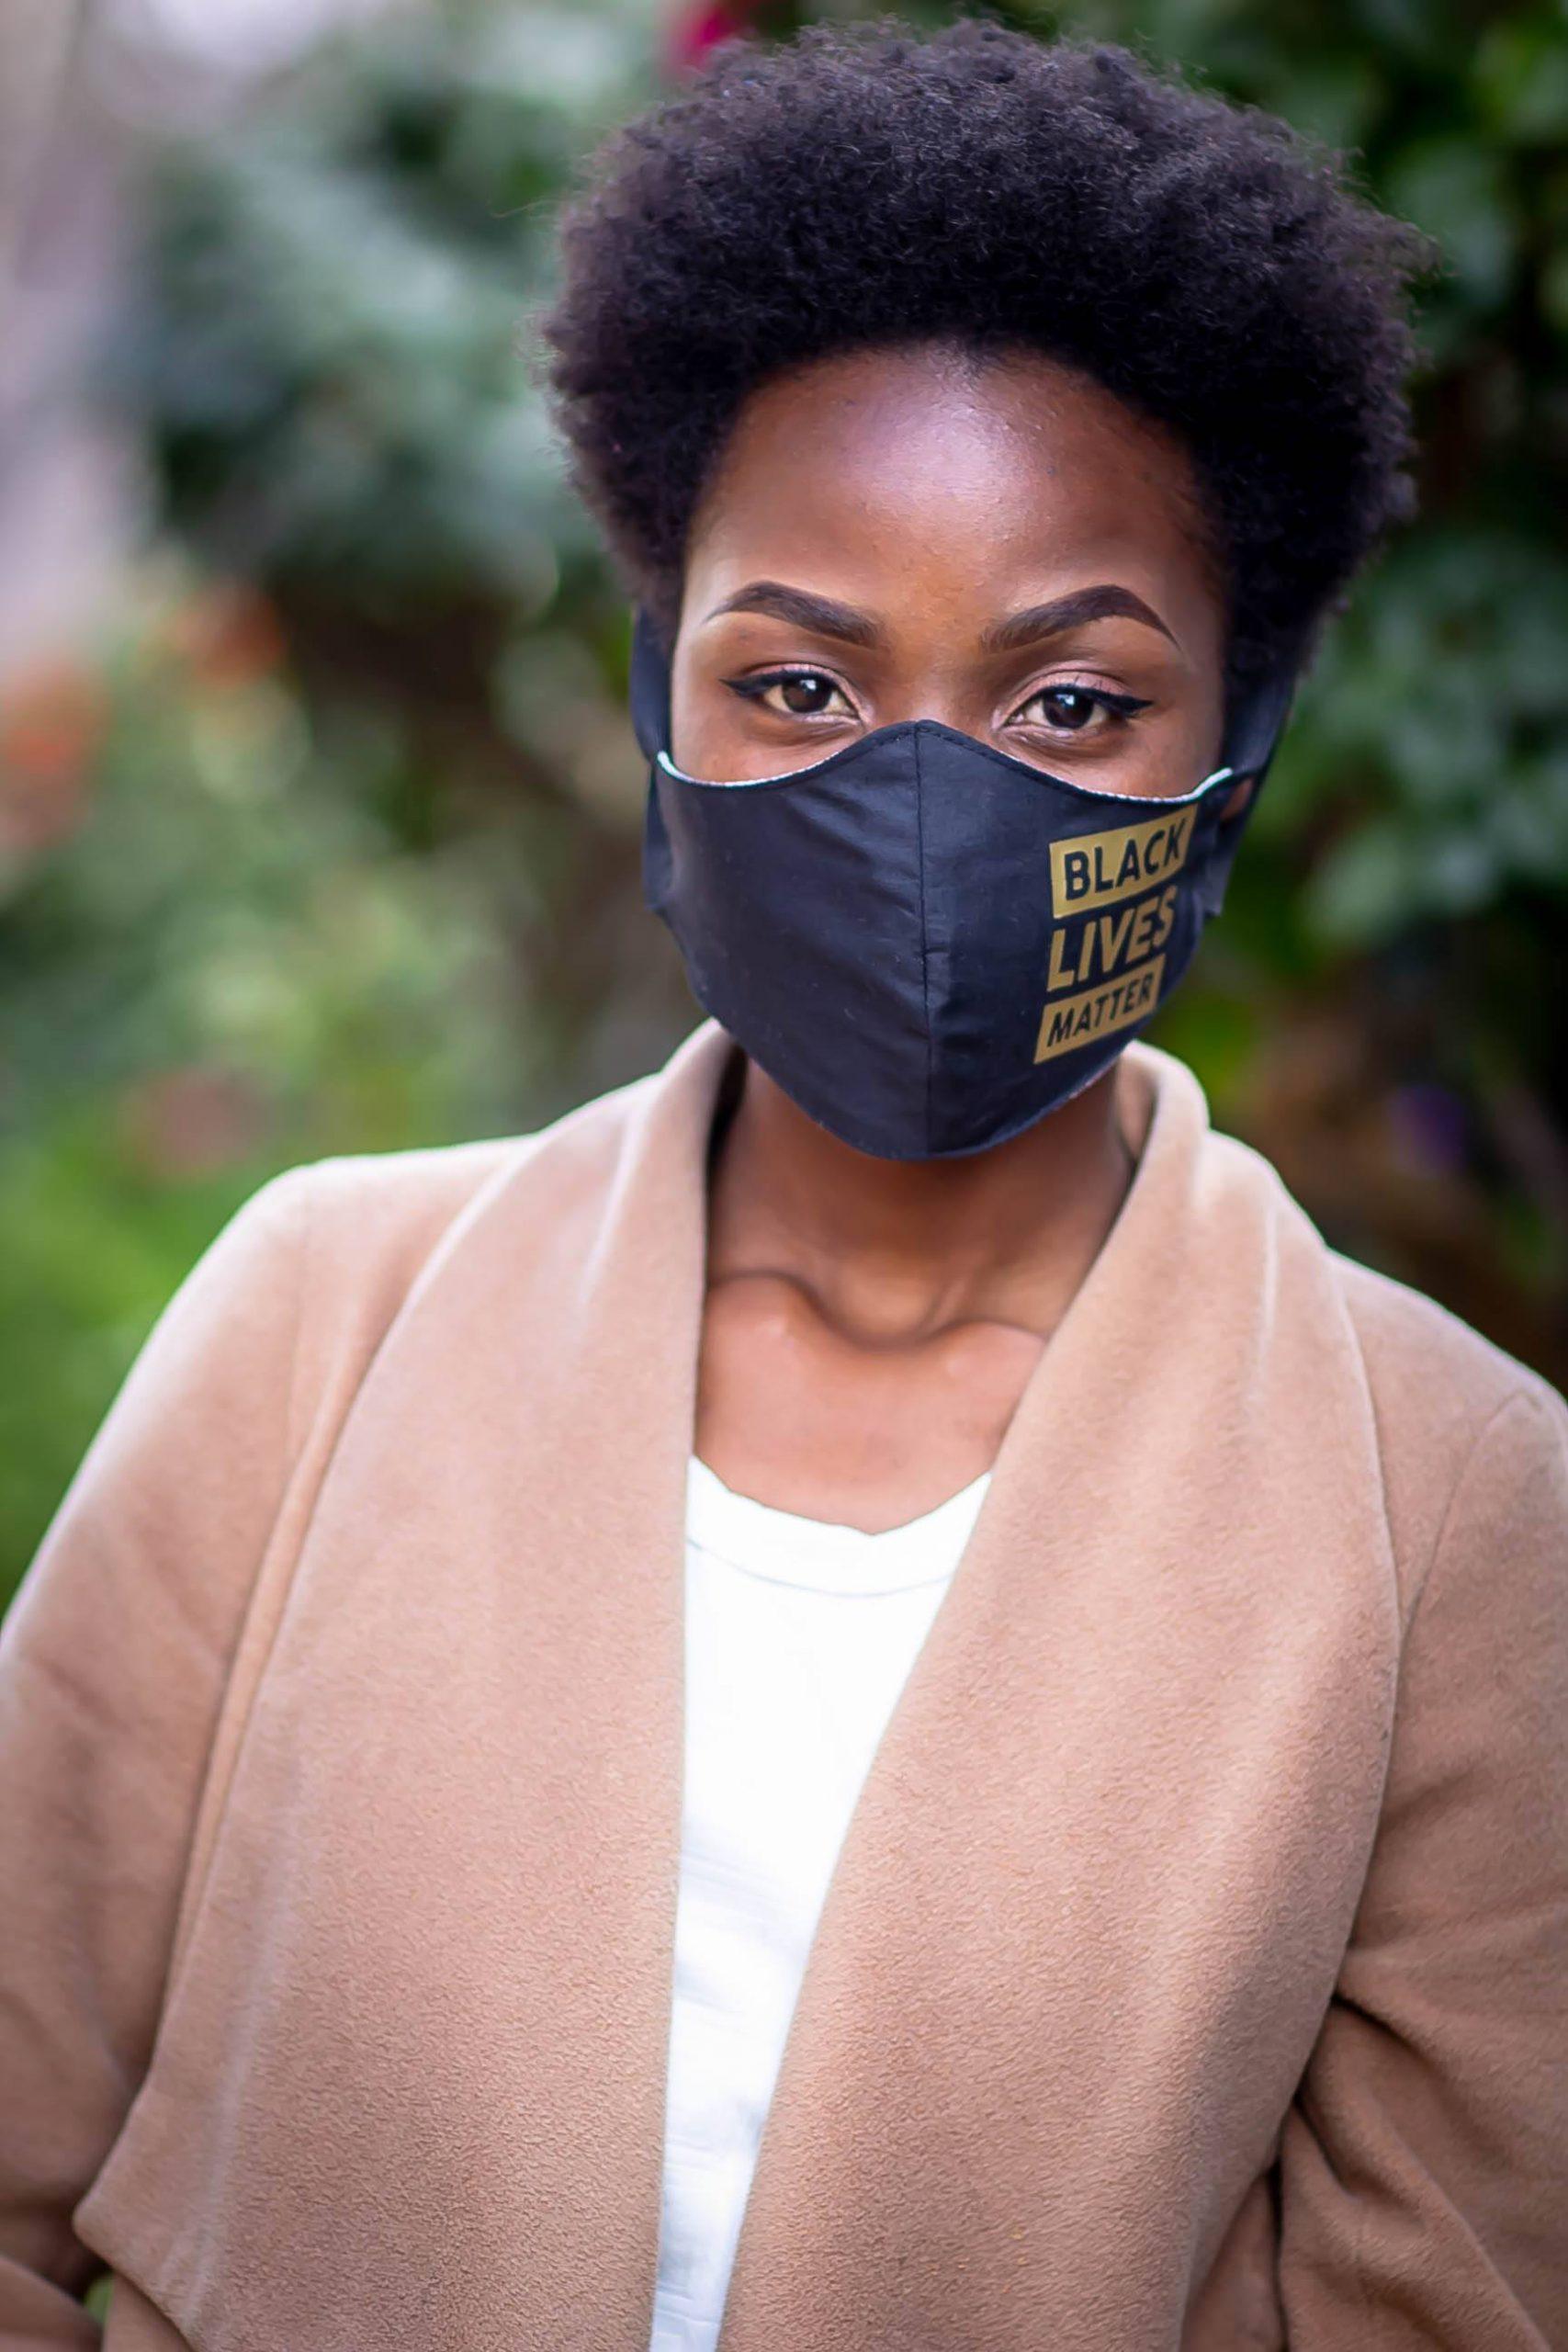 Gold Heat Printed Black Lives Matter Mask Kind Shop